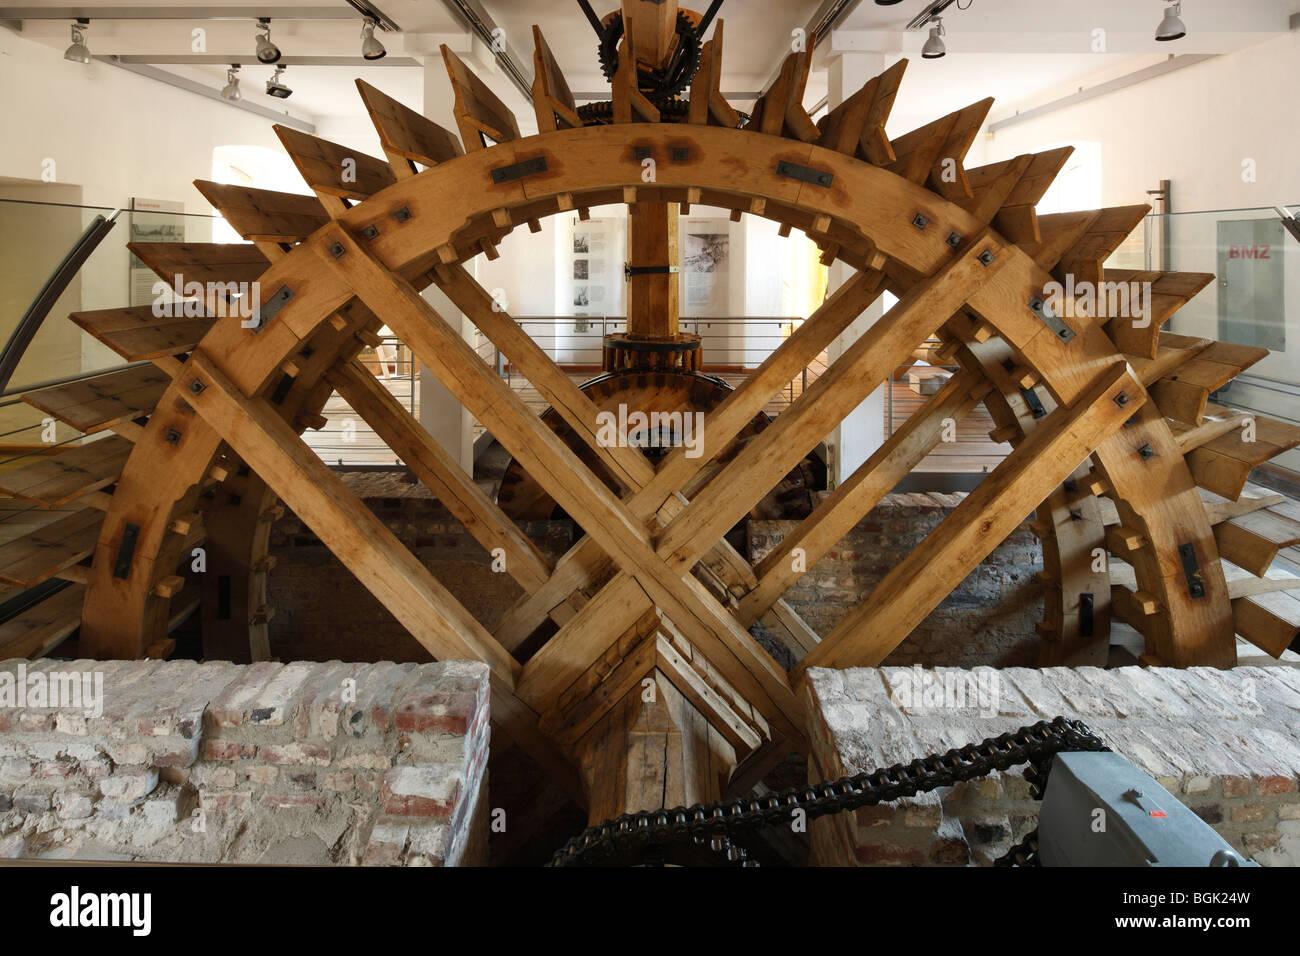 Ratingen, Industriemuseum Cromford, LVR-Industriemuseum, 1783 von Johann Gottfried Brügelmann gegründet, - Stock Image